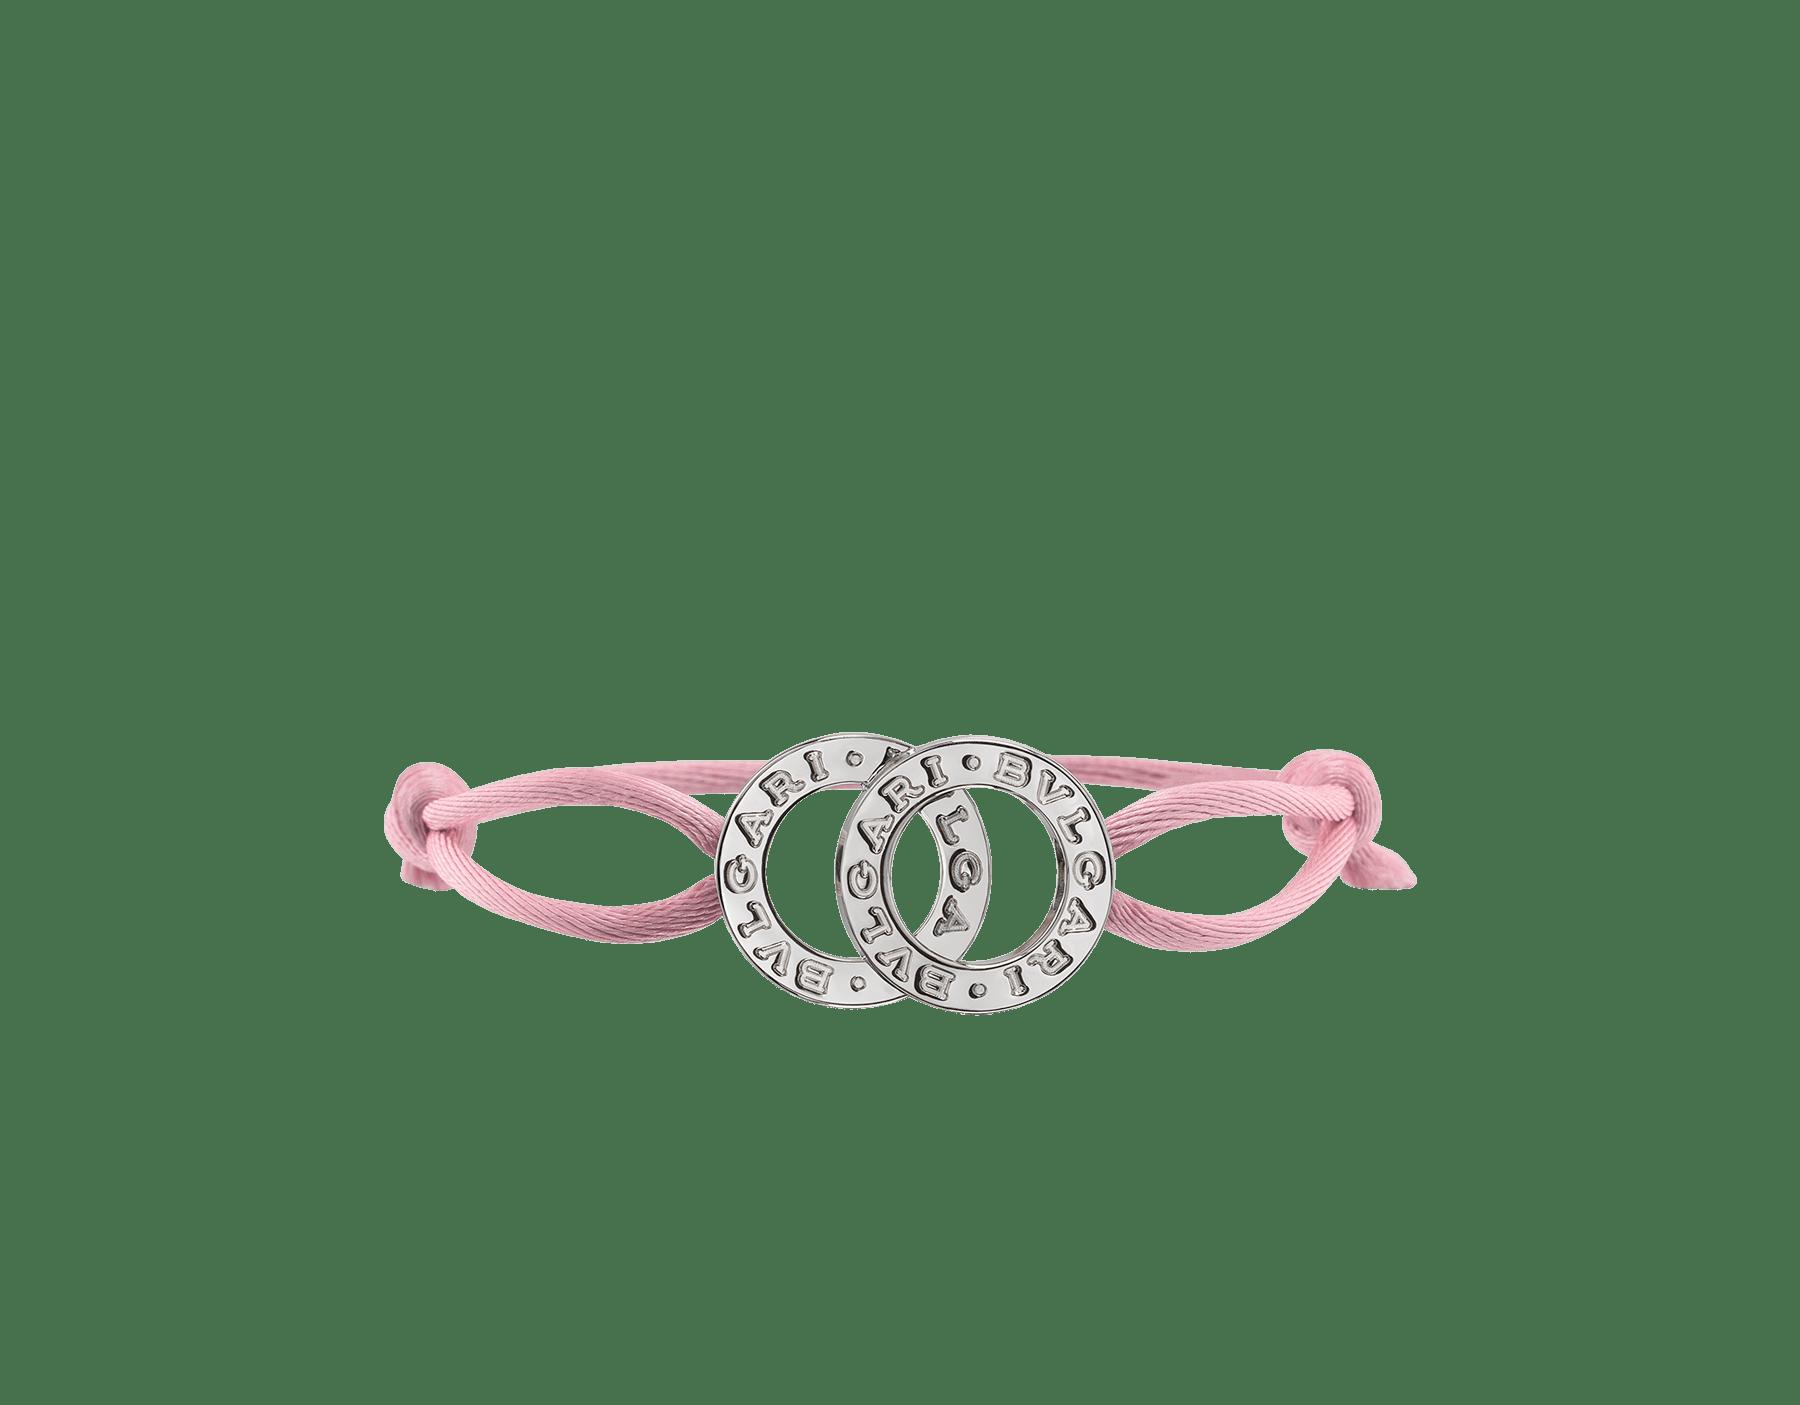 Bracciale BVLGARI BVLGARI in tessuto rosa fenicottero con iconico doppio logo in argento 925. 288451 image 1